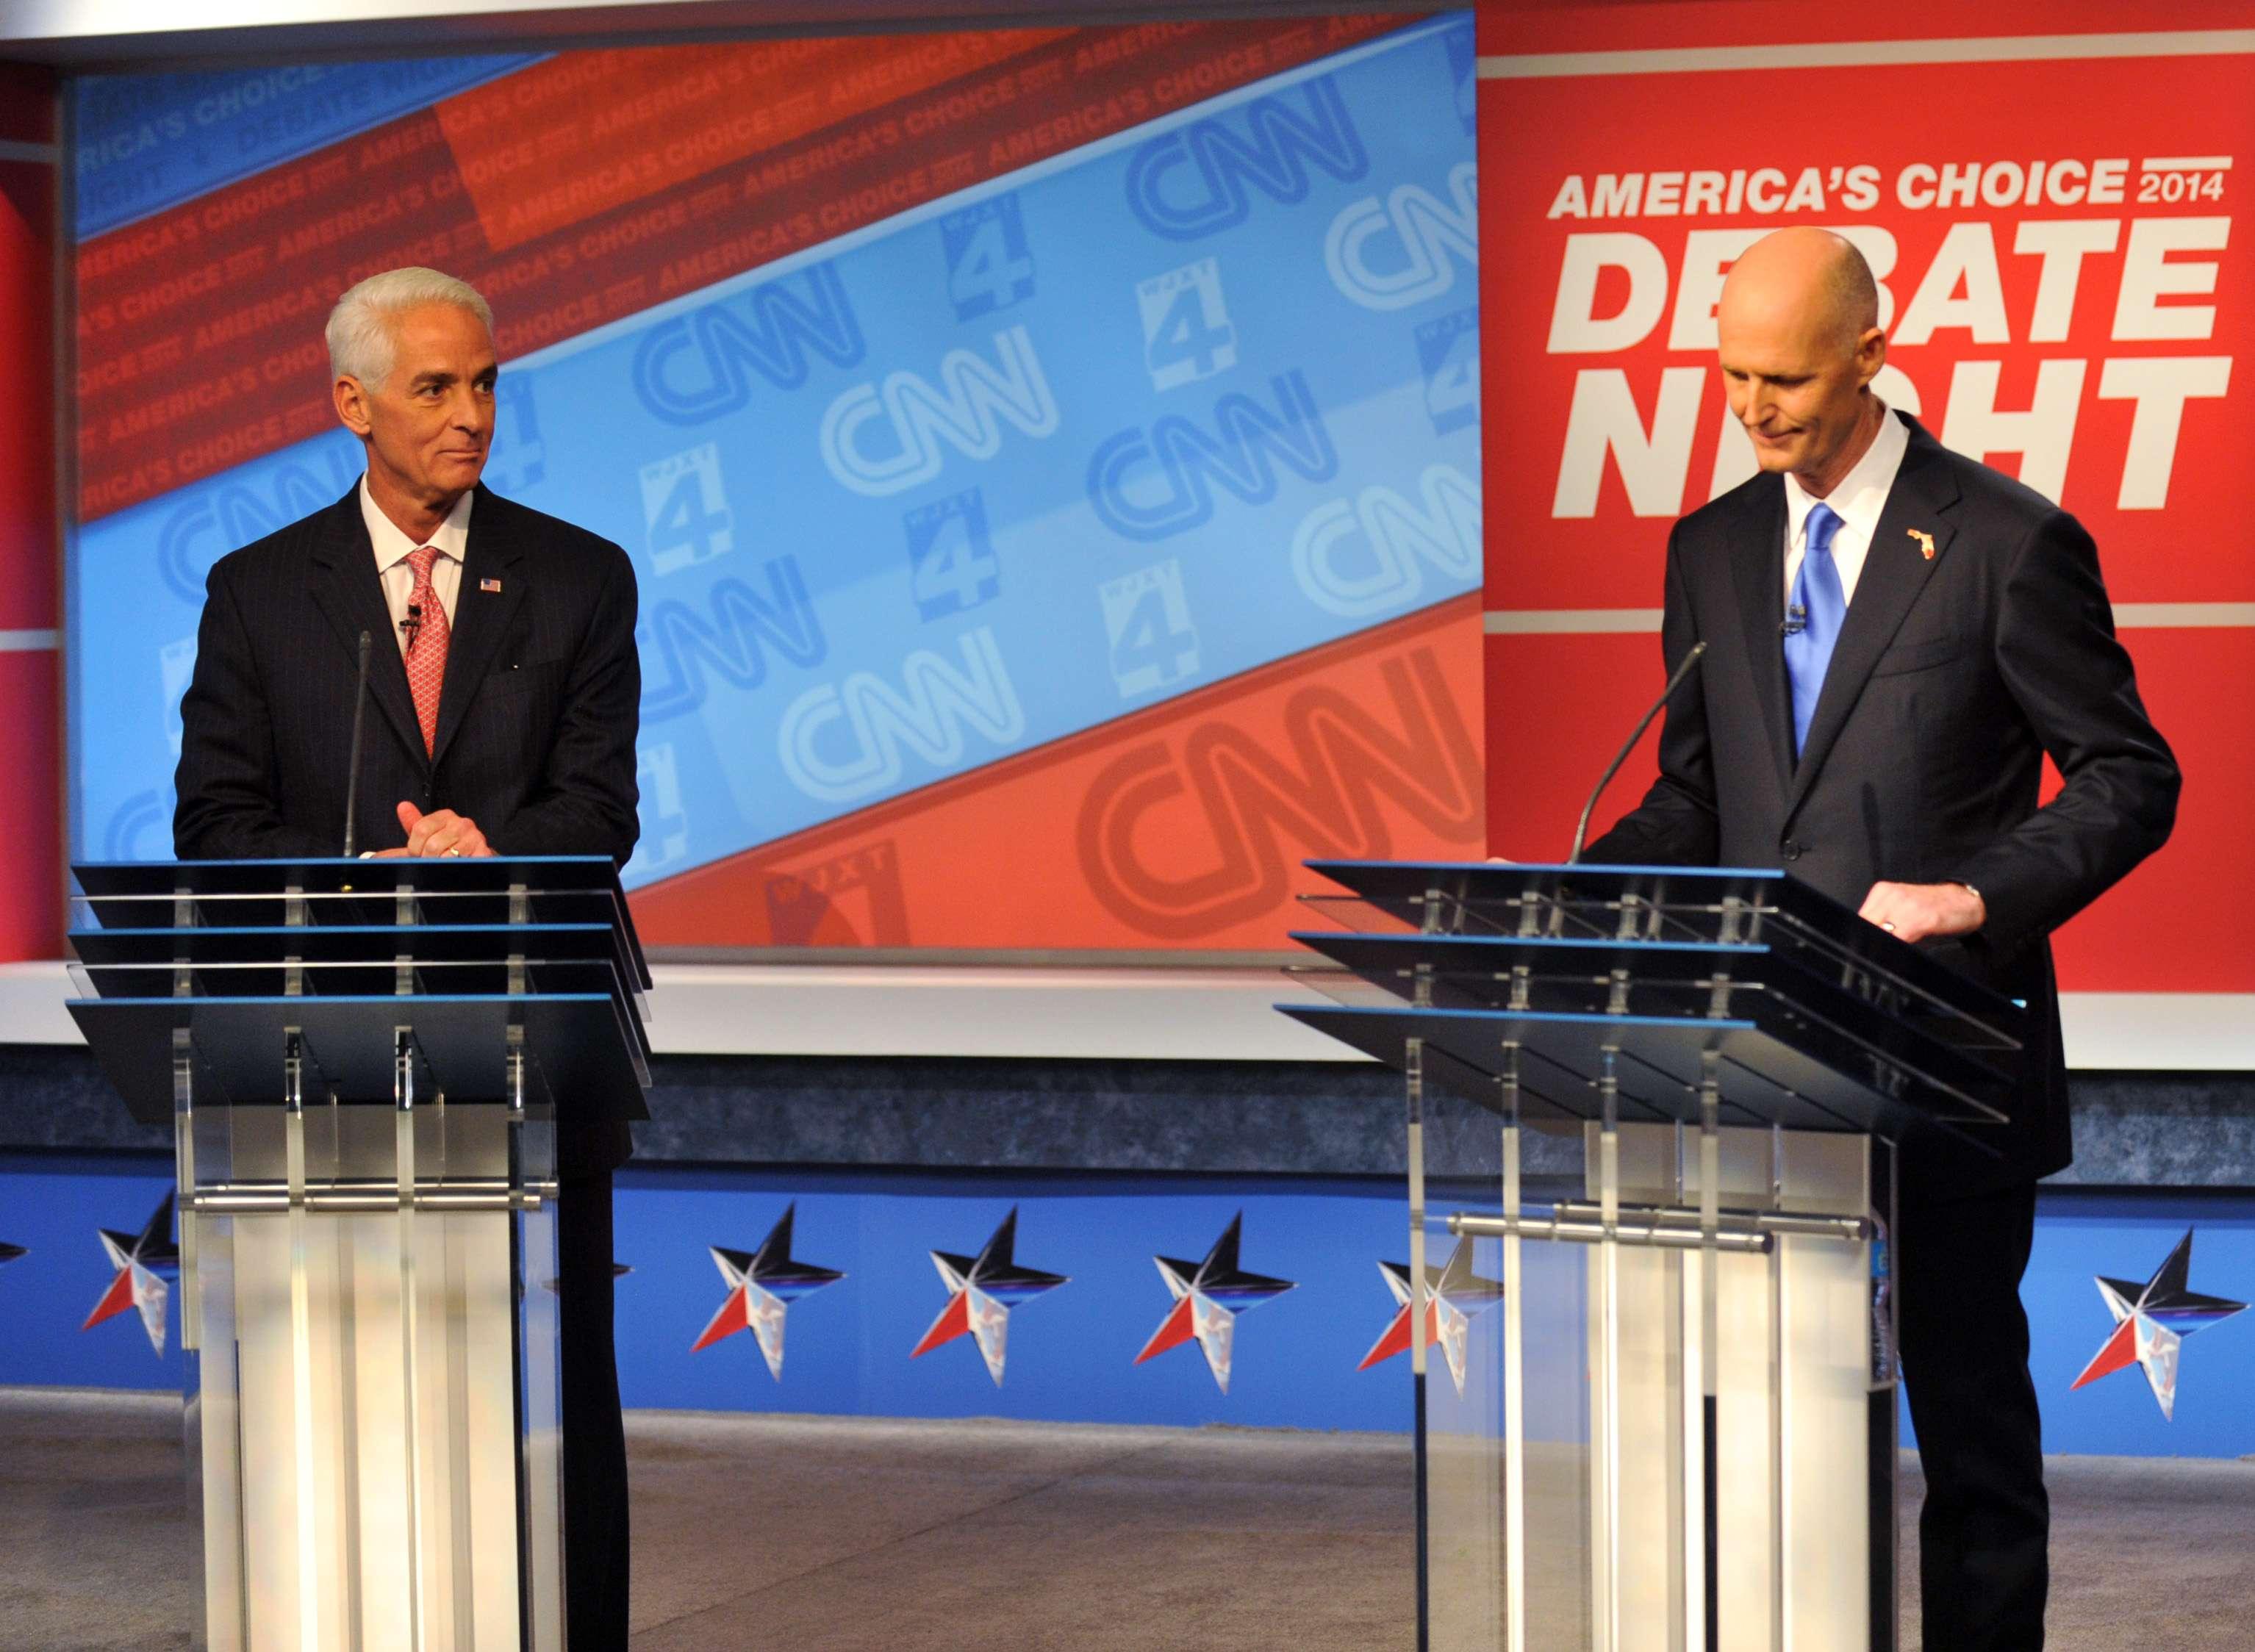 El candidato demócrata Charlie Crist, izquierda, y el gobernador republicano Rick Scott esperan el inicio de su debate televisado, el martes 21 de octubre de 2014, en los estudios de Channel 4 en Jacksonville, Florida. Foto: AP en español